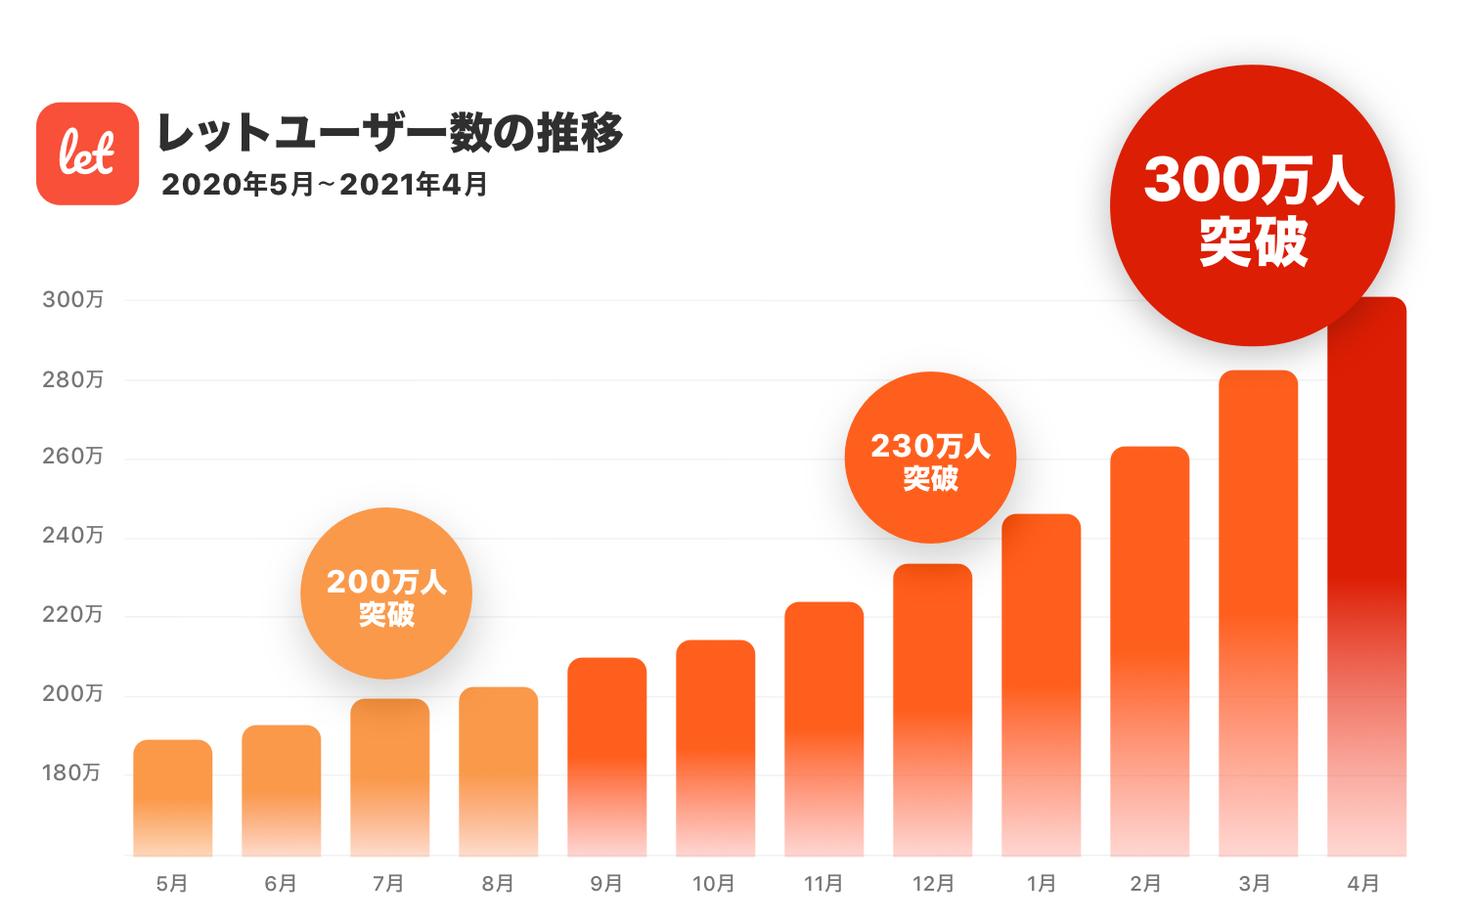 訳あり品/食品ロス削減のマーケット「Let(レット)」、ユーザー数が300万人を突破!緊急事態宣言下でのフードロス増加により急成長、記念SALEも開催。